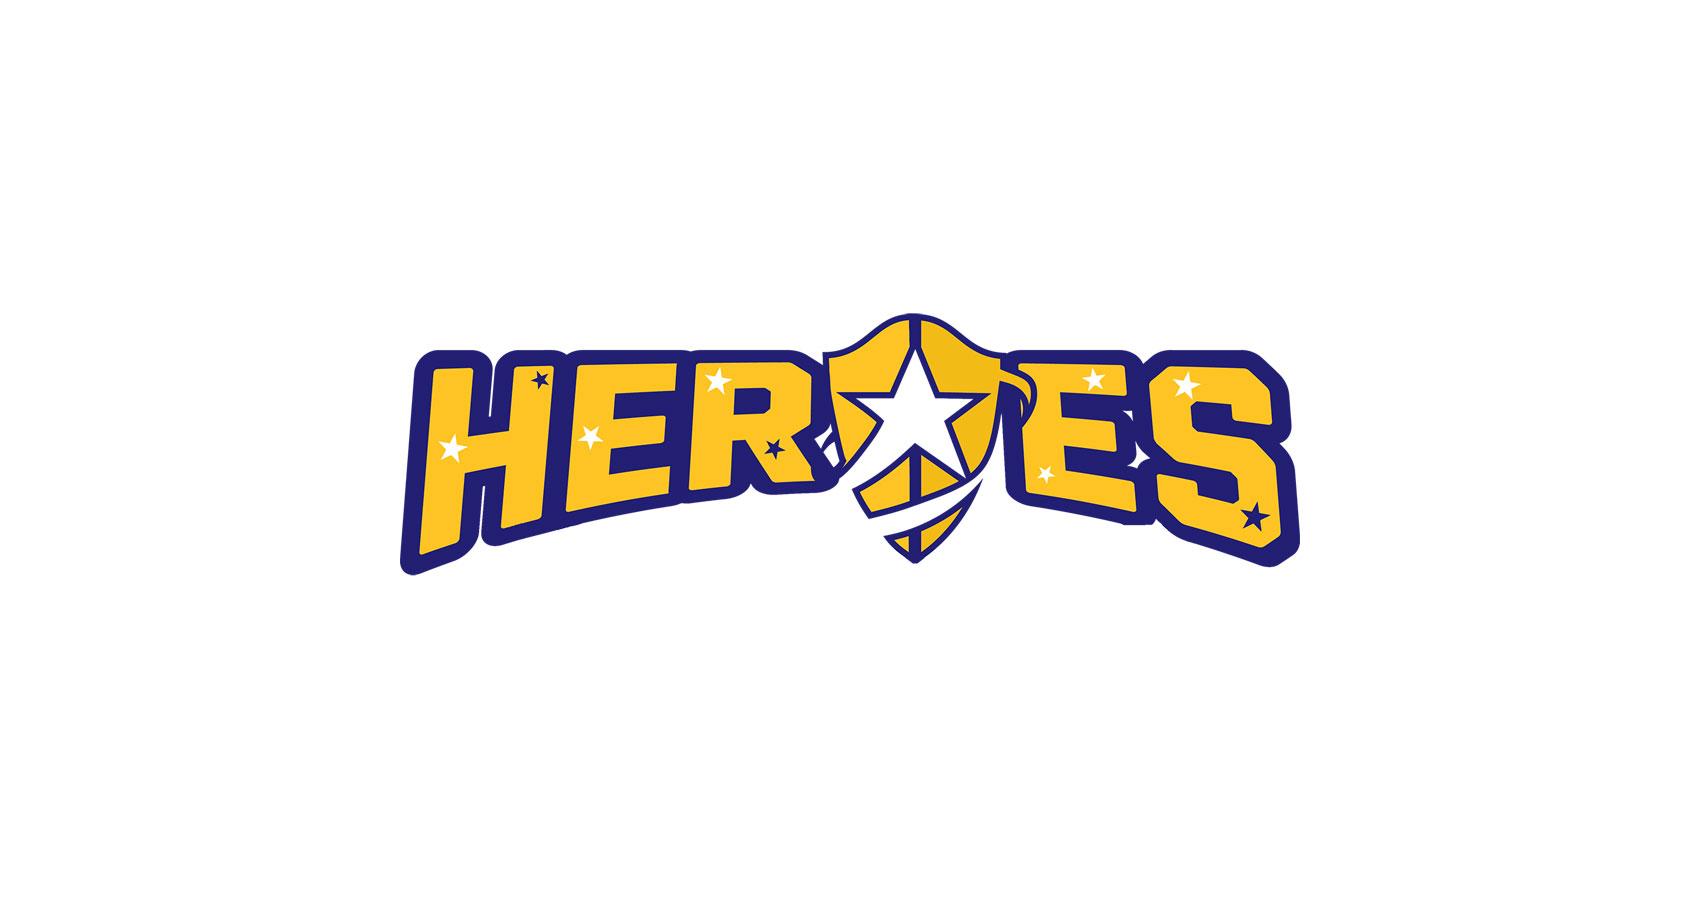 Heroes for Homeless 2020 Fundraiser